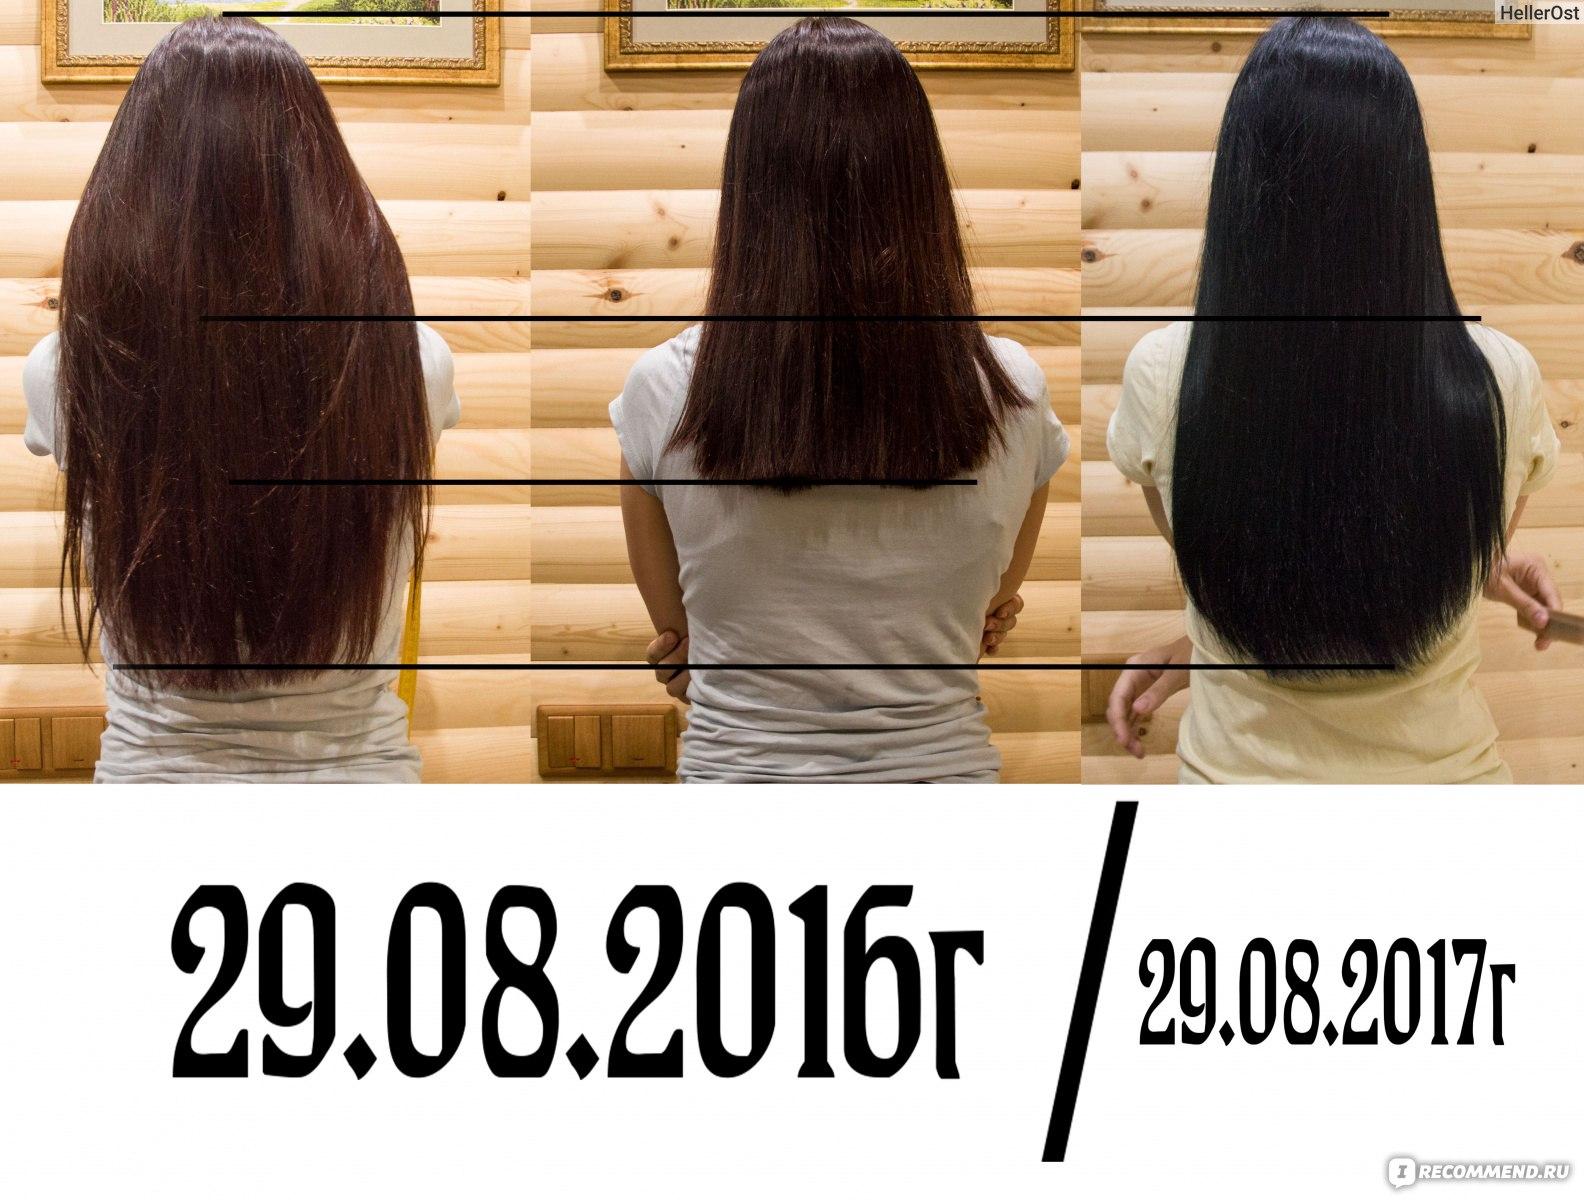 Как быстро отрастить волосы в домашних условиях отзывы